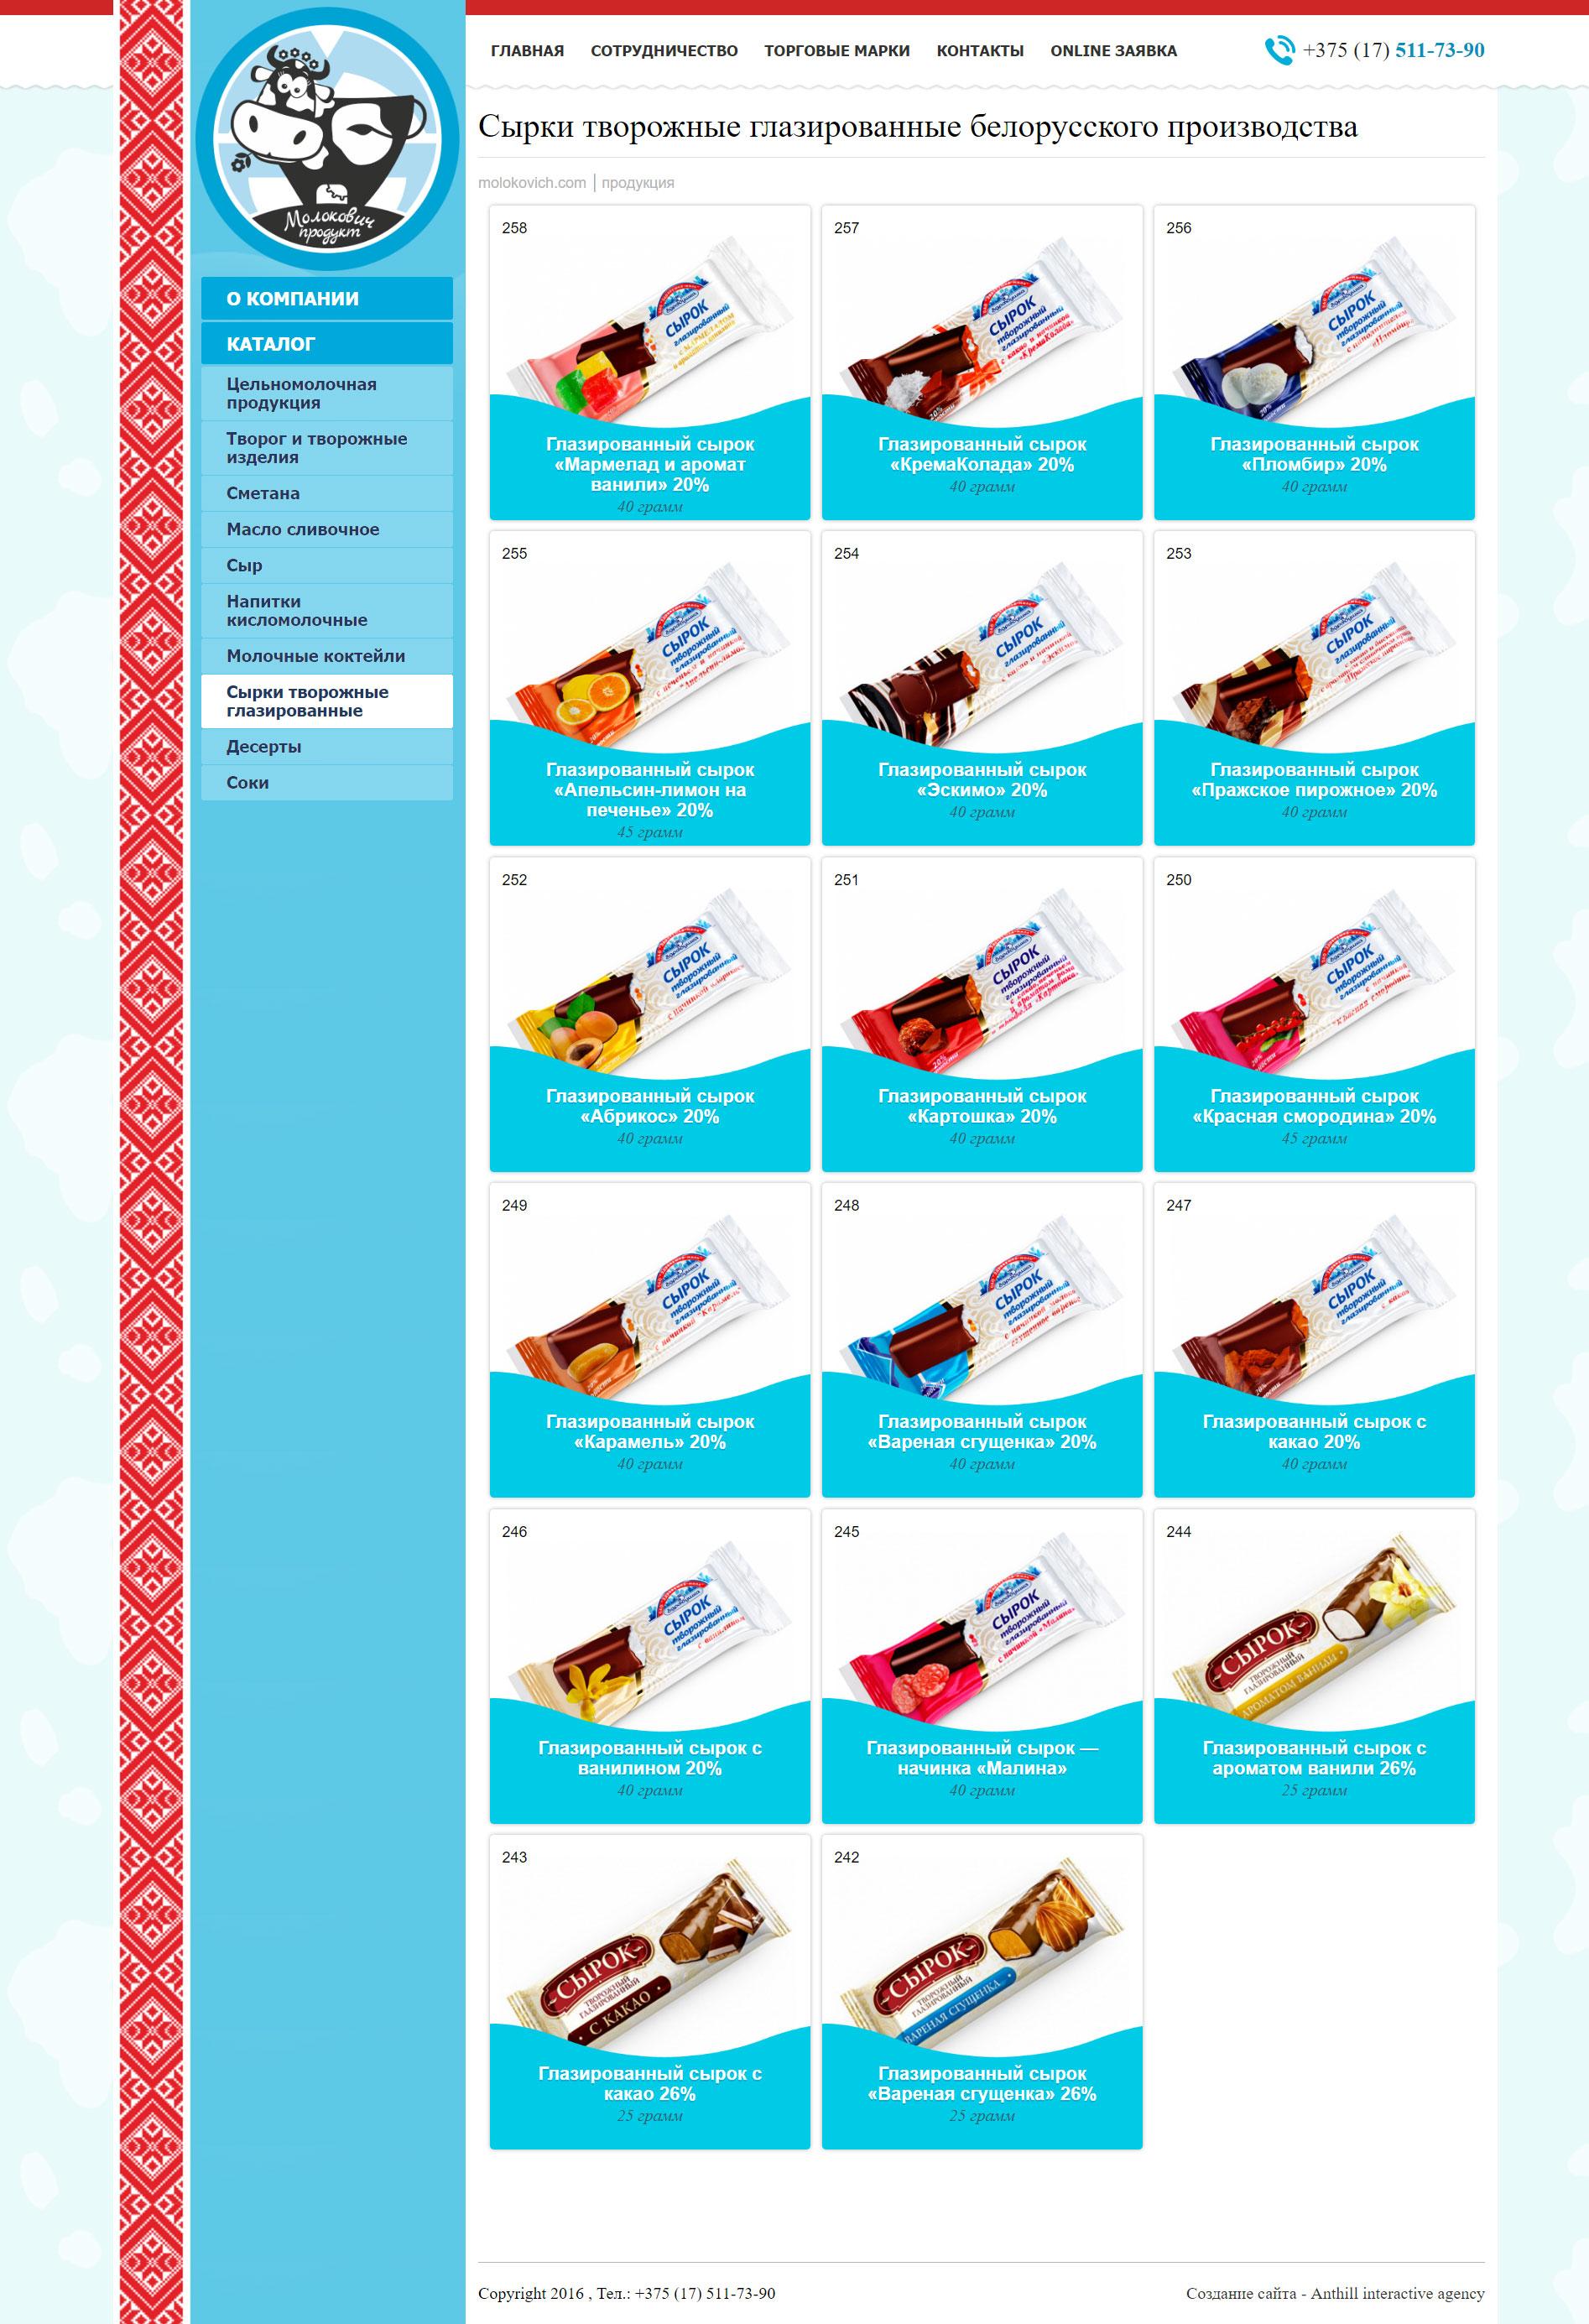 Молочные продукты из Республики Беларусь